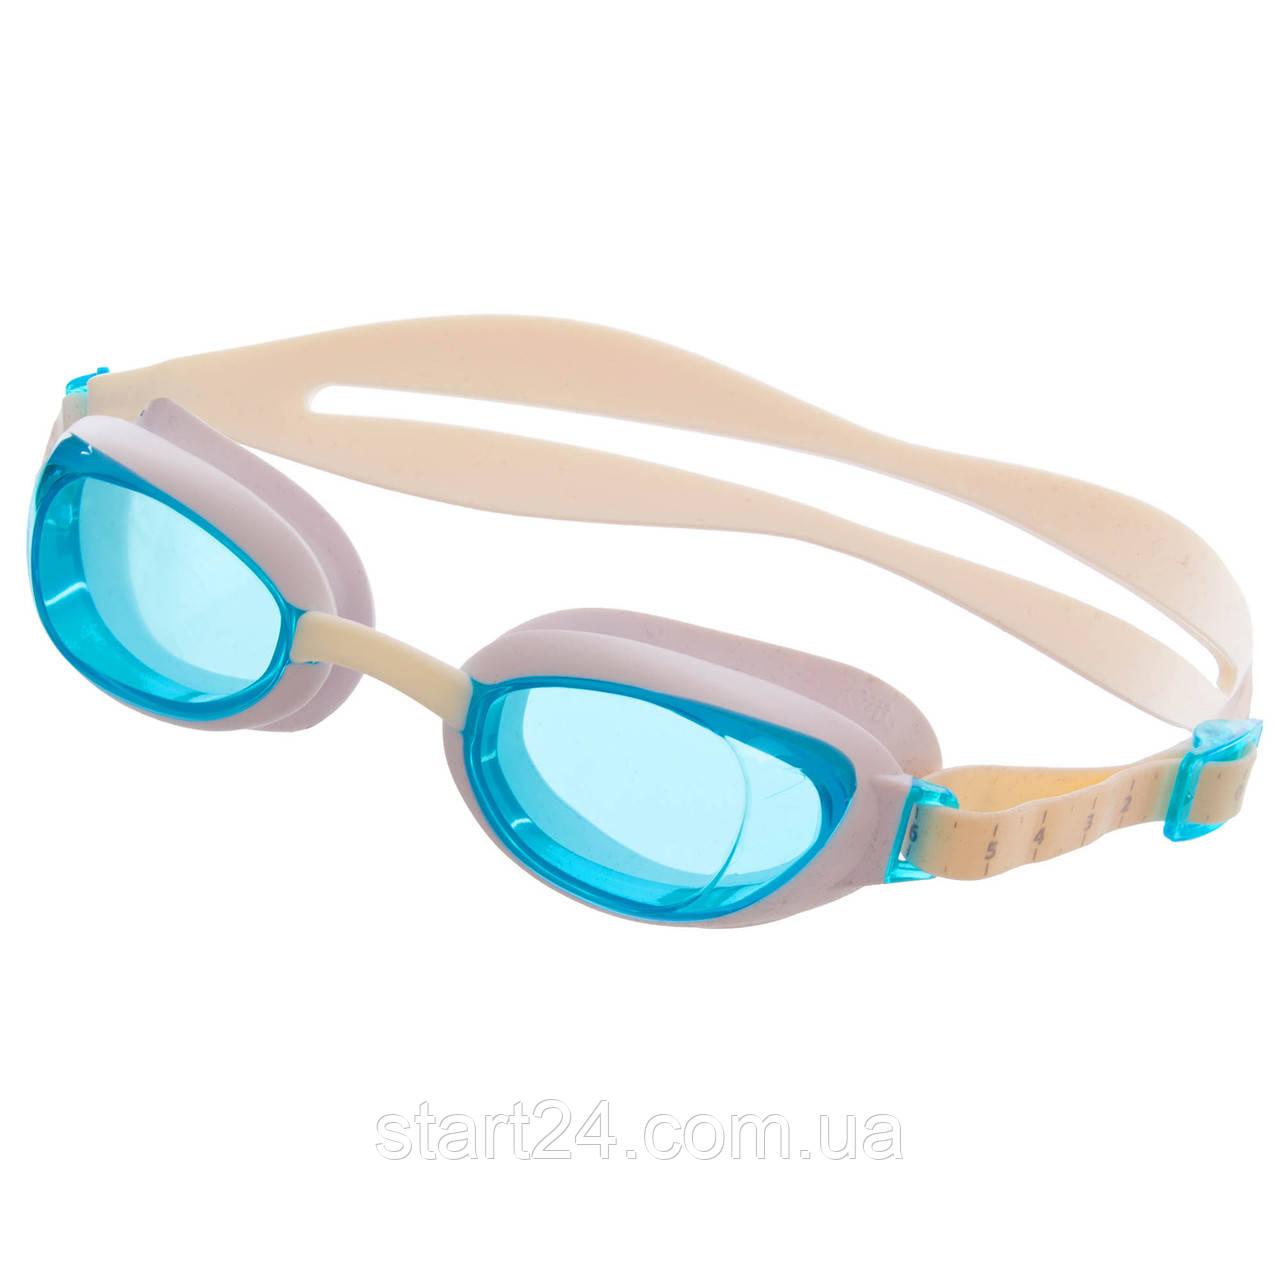 Окуляри для плавання SPEEDO AQUAPURE FEMALE 8090044284 (полікарбонат, термопластична резина, силікон,